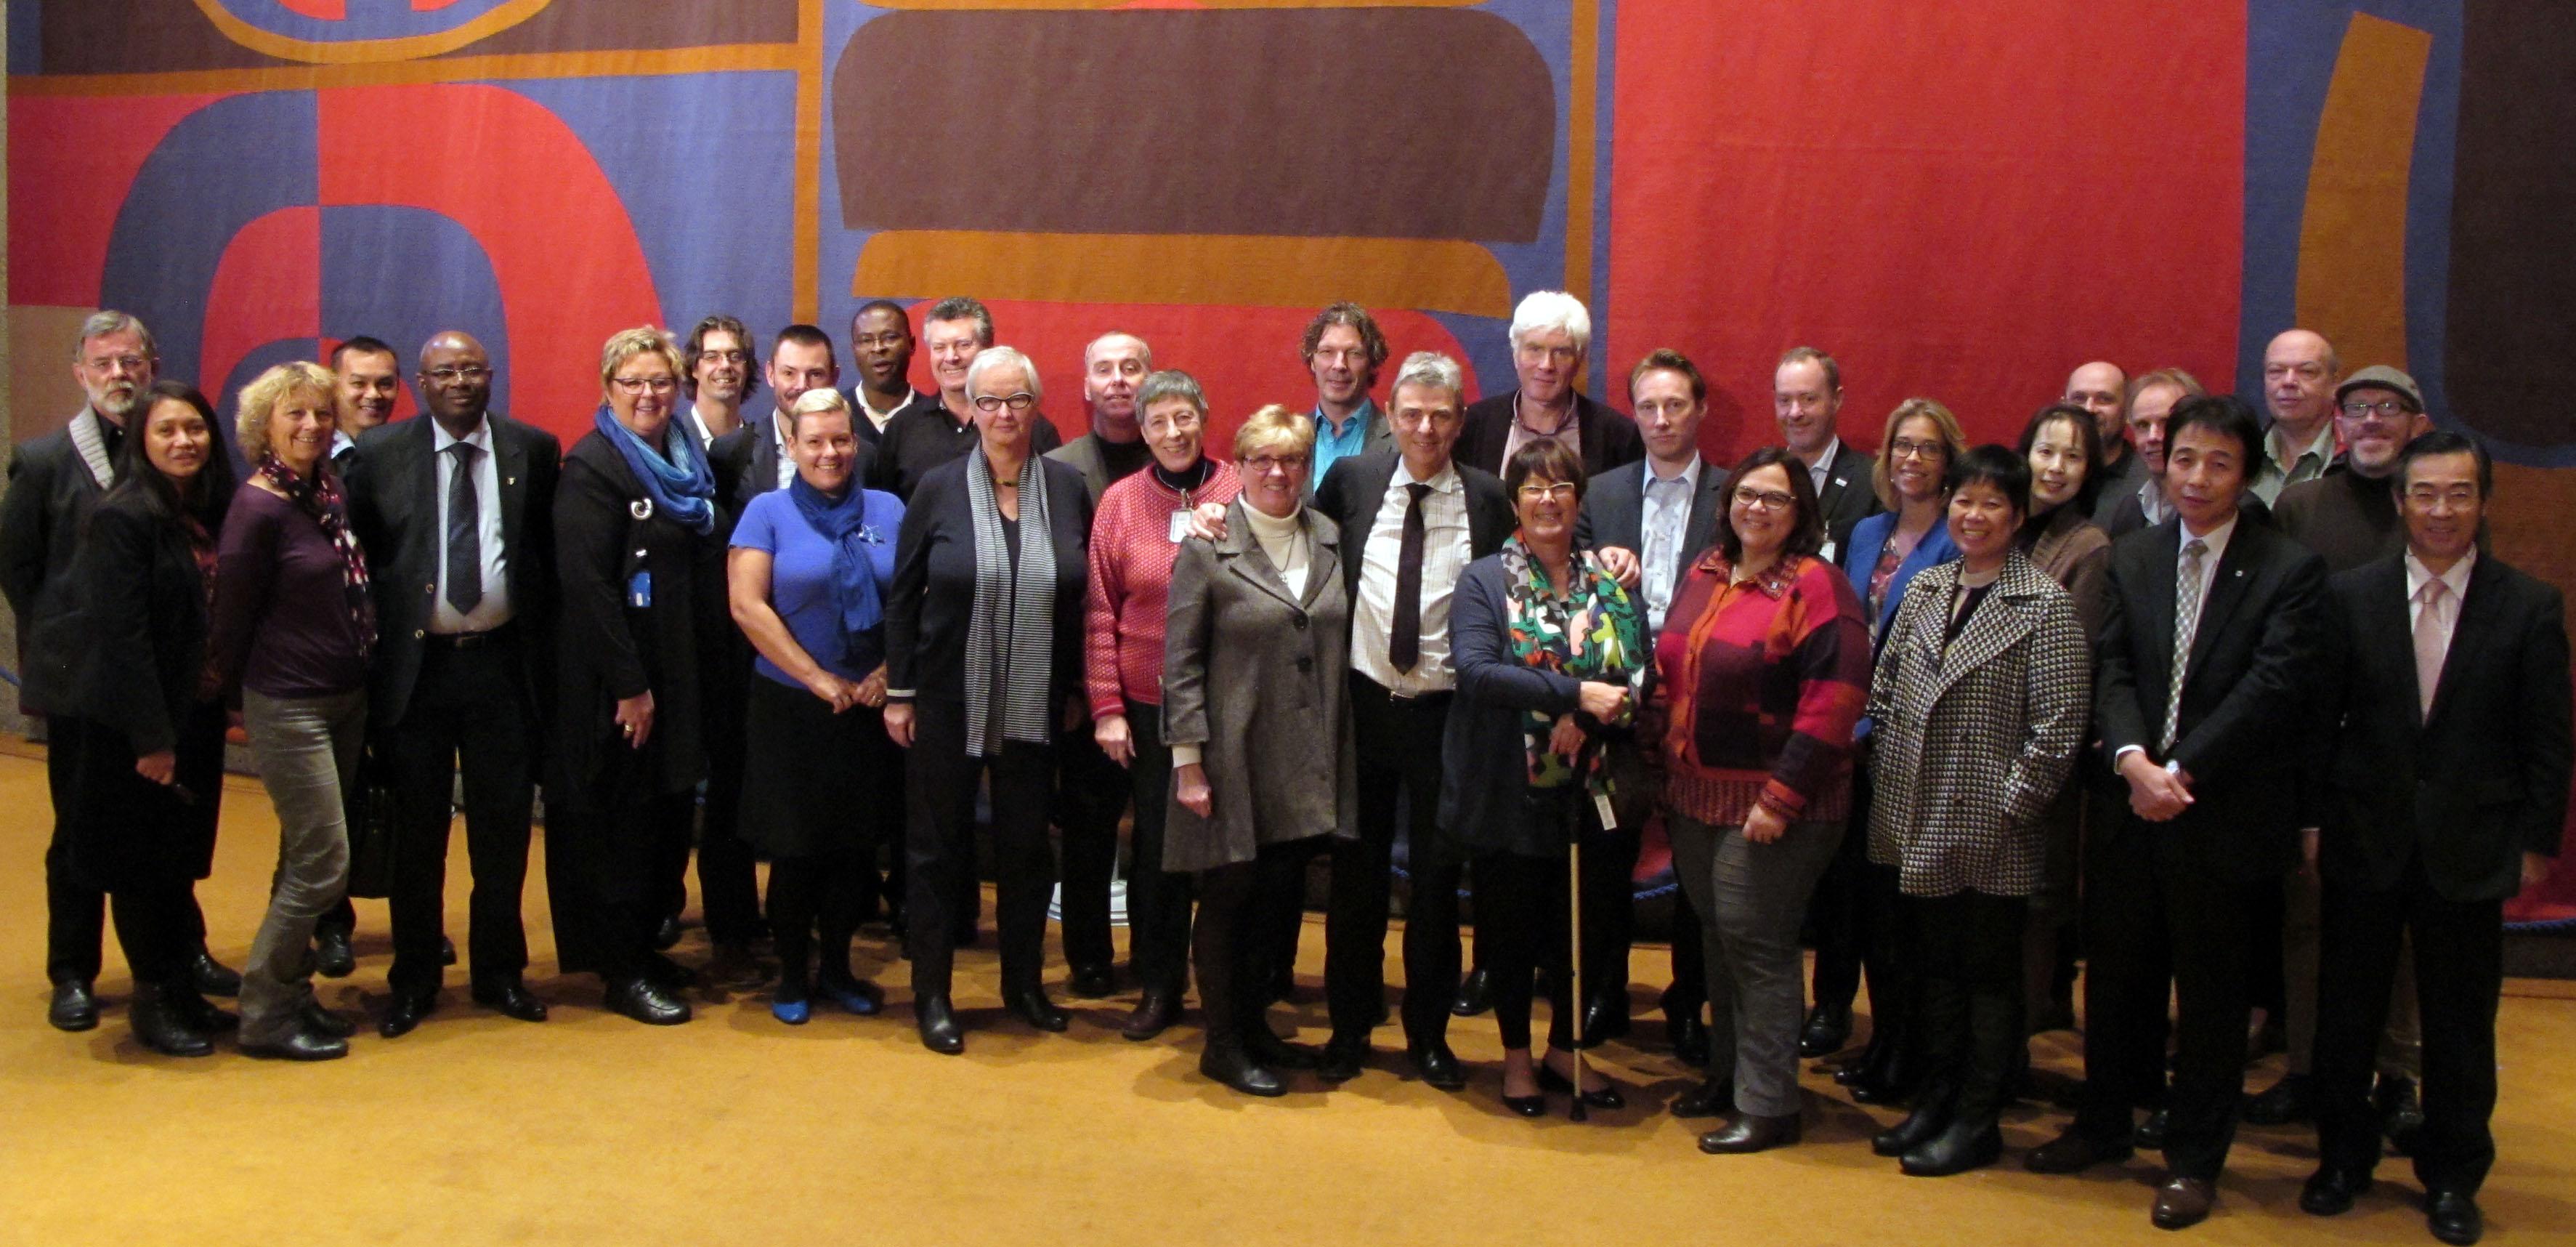 Les membres du Comité directeur de PSI et le personnel - novembre 2013